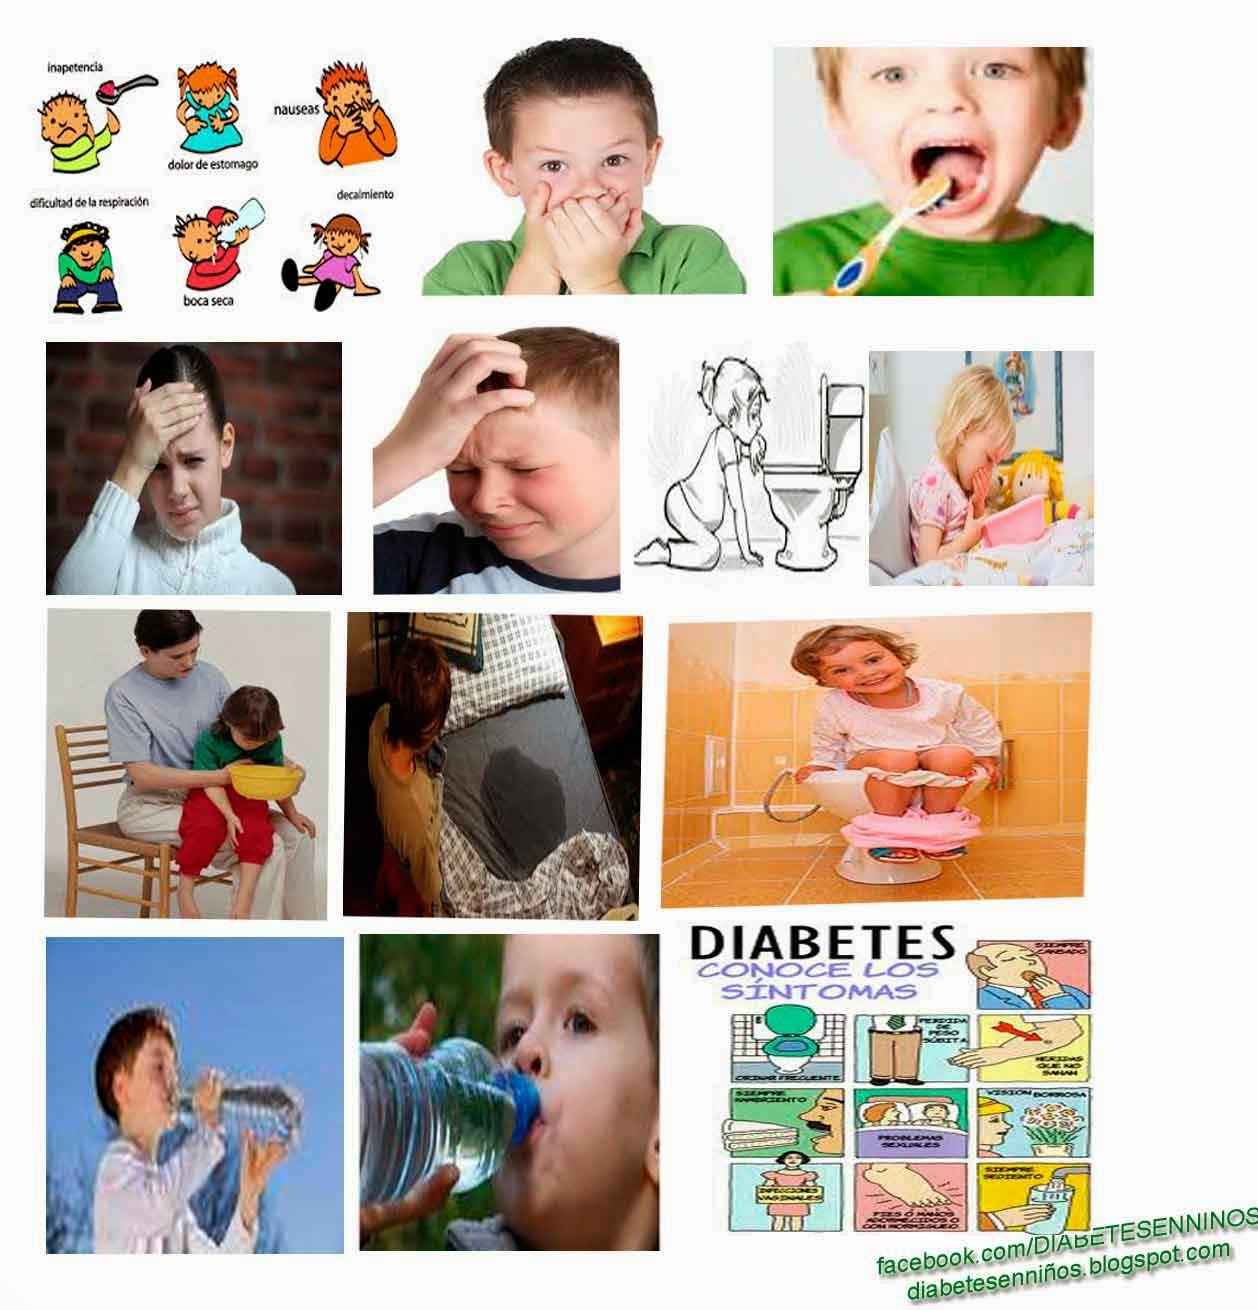 LA DIABETES INFANTIL Y SUS SINTOMAS